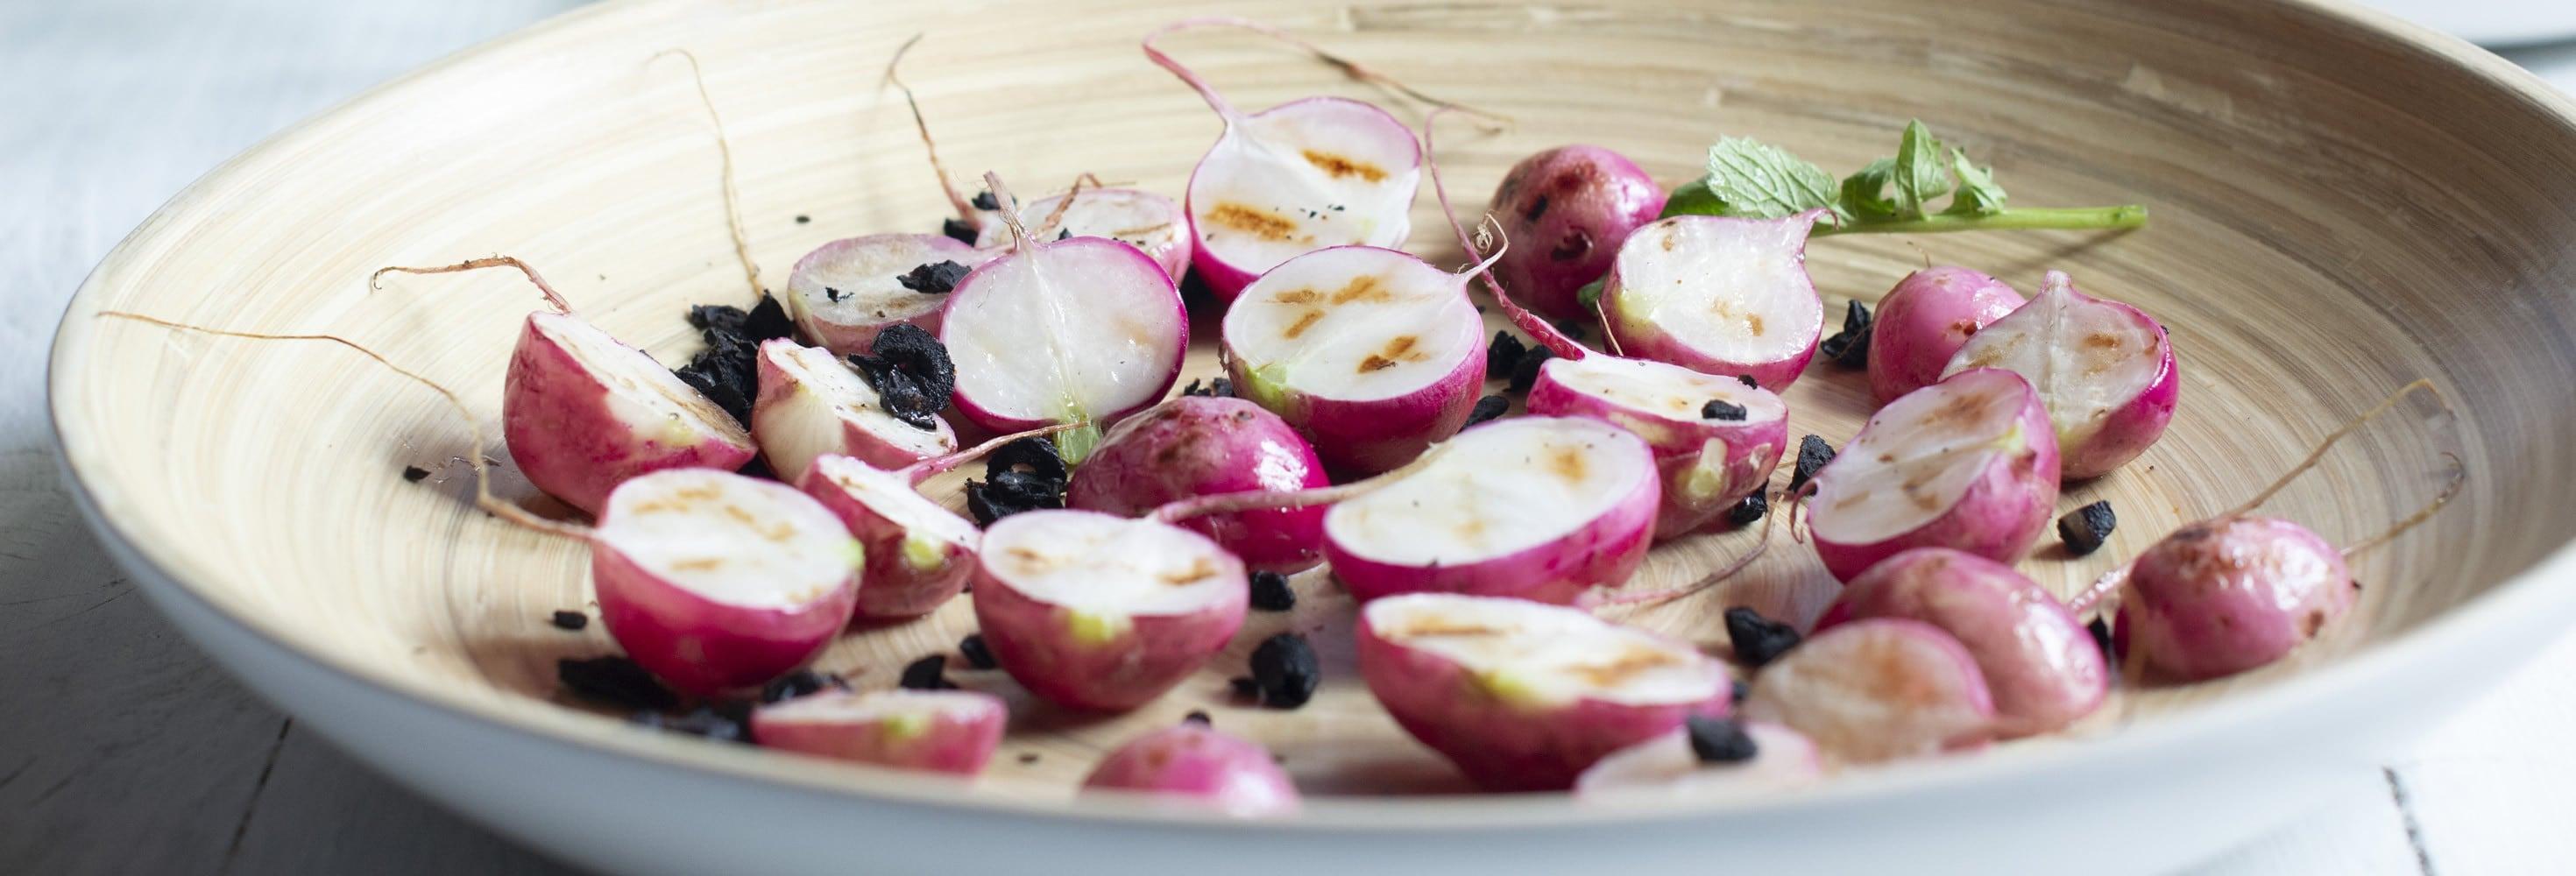 Radis grillés et crumble d'olives, dip crémeux à la maquée